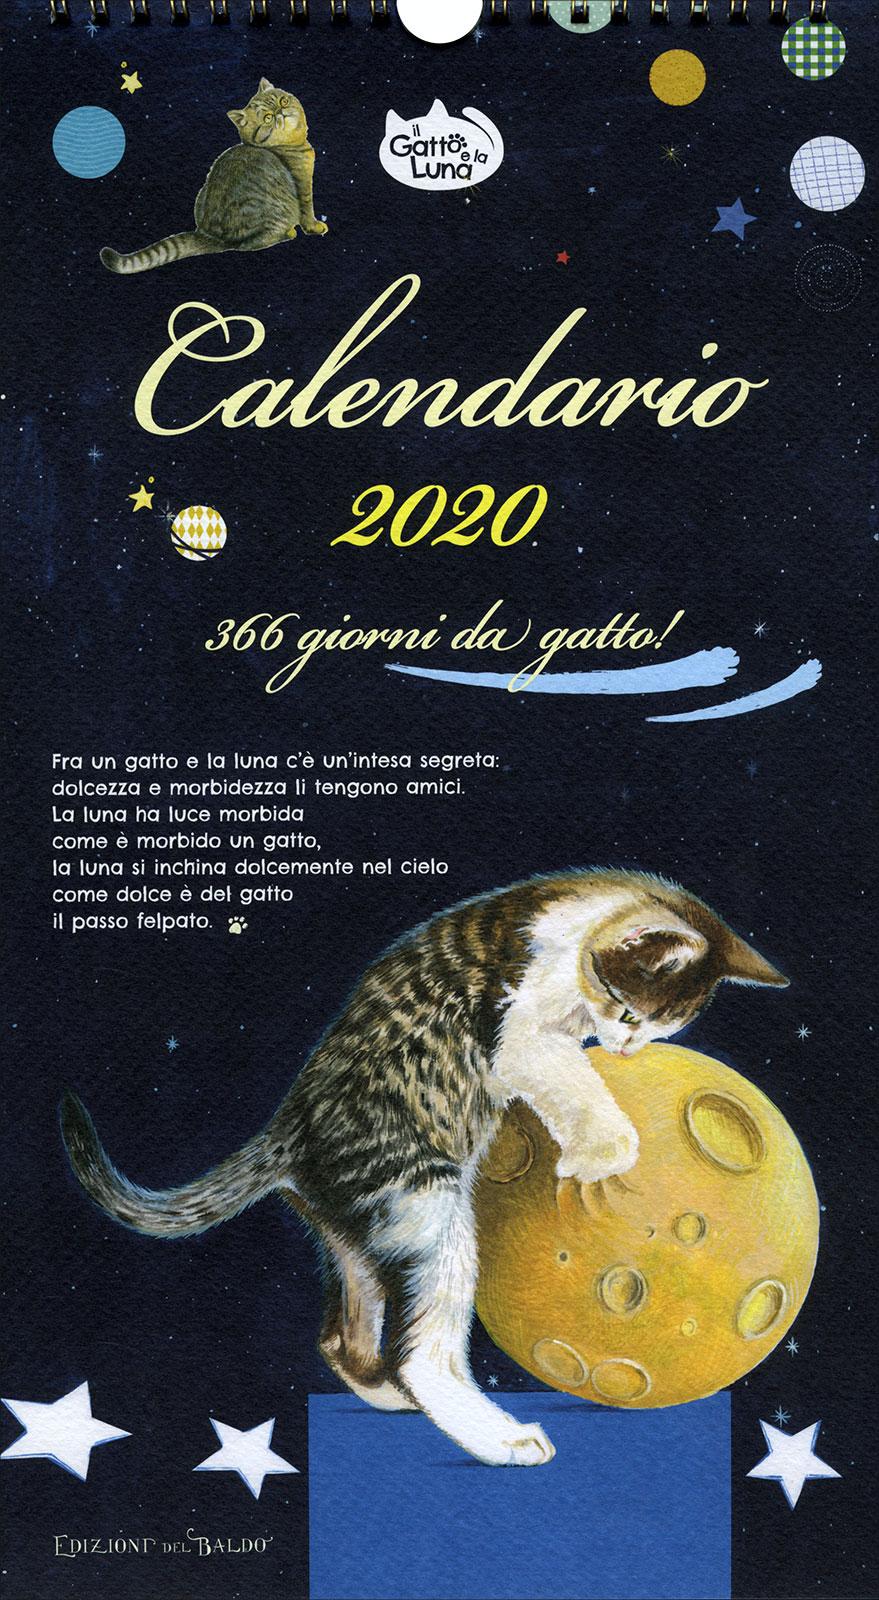 Calendario Lunare 2020 2020.Calendario 2020 Il Gatto E La Luna